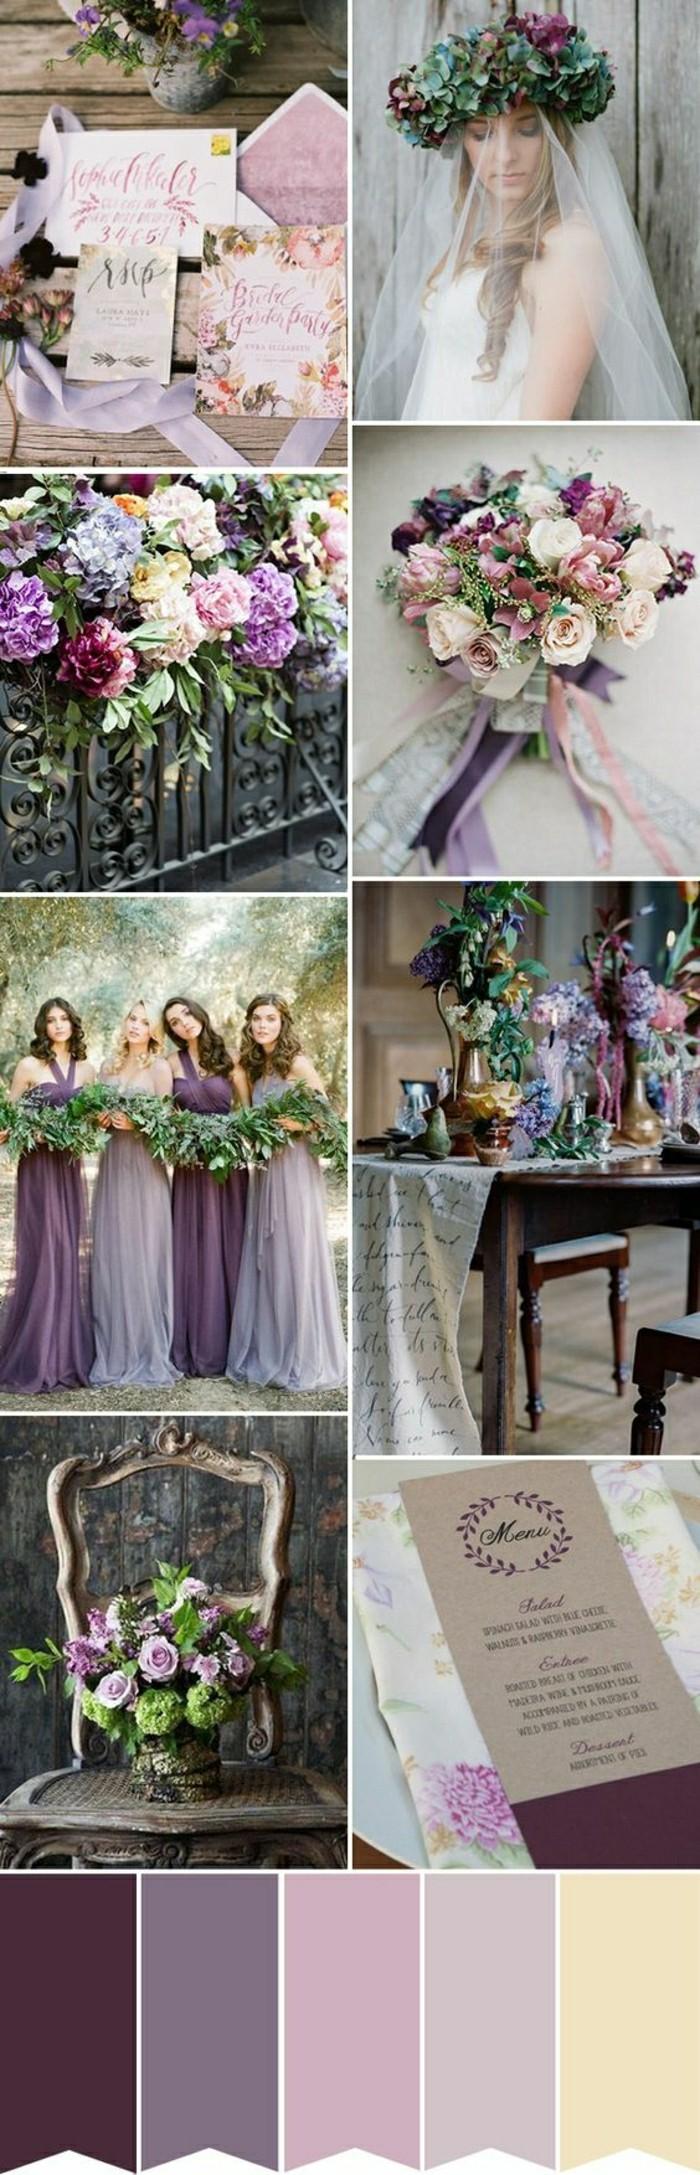 les-mariages-thematiques-decides-dans-une-couleurs-violette-beige-rose-blanc